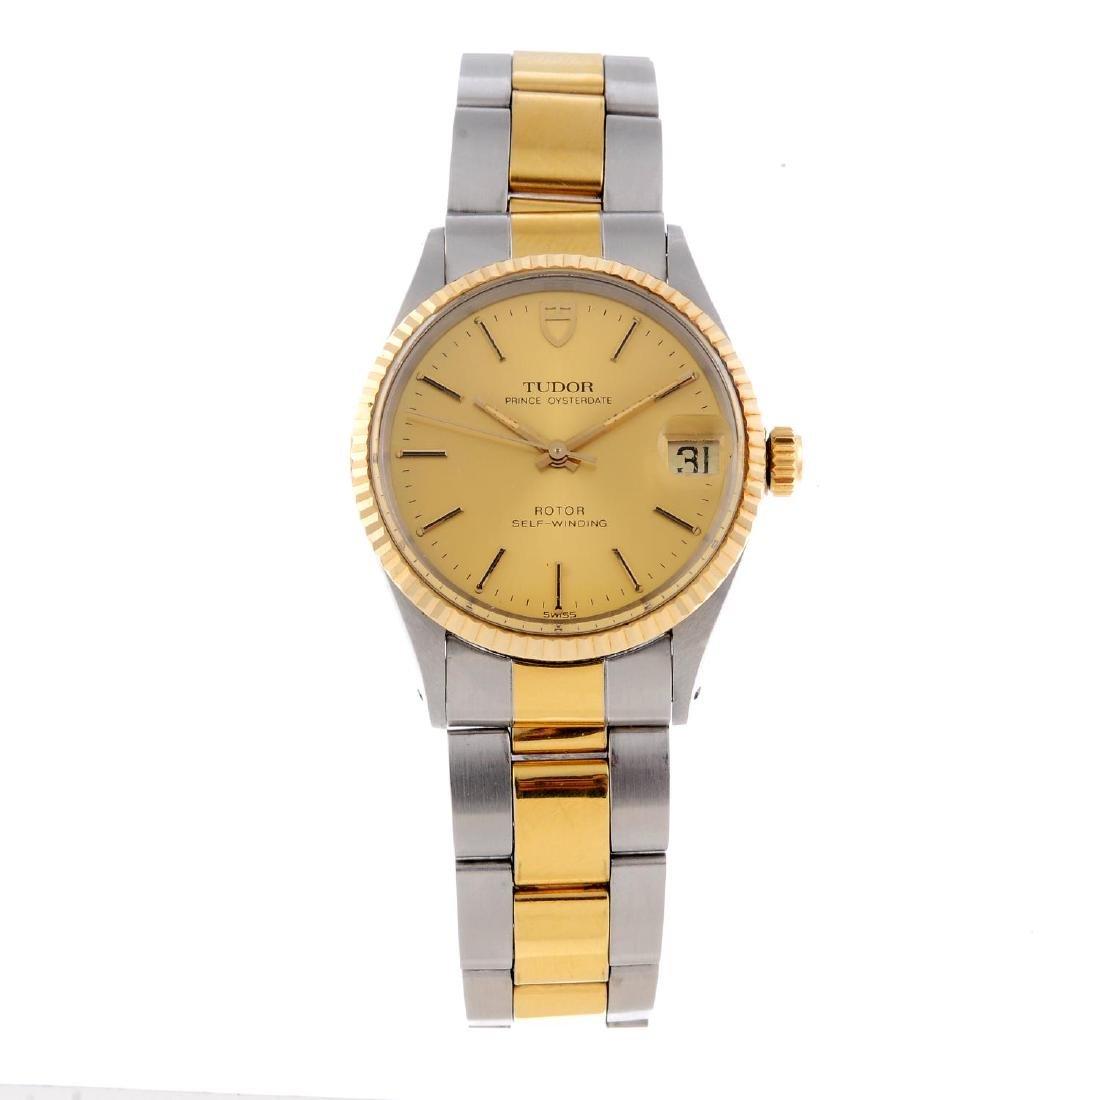 TUDOR - a mid-size Prince Oysterdate bracelet watch.